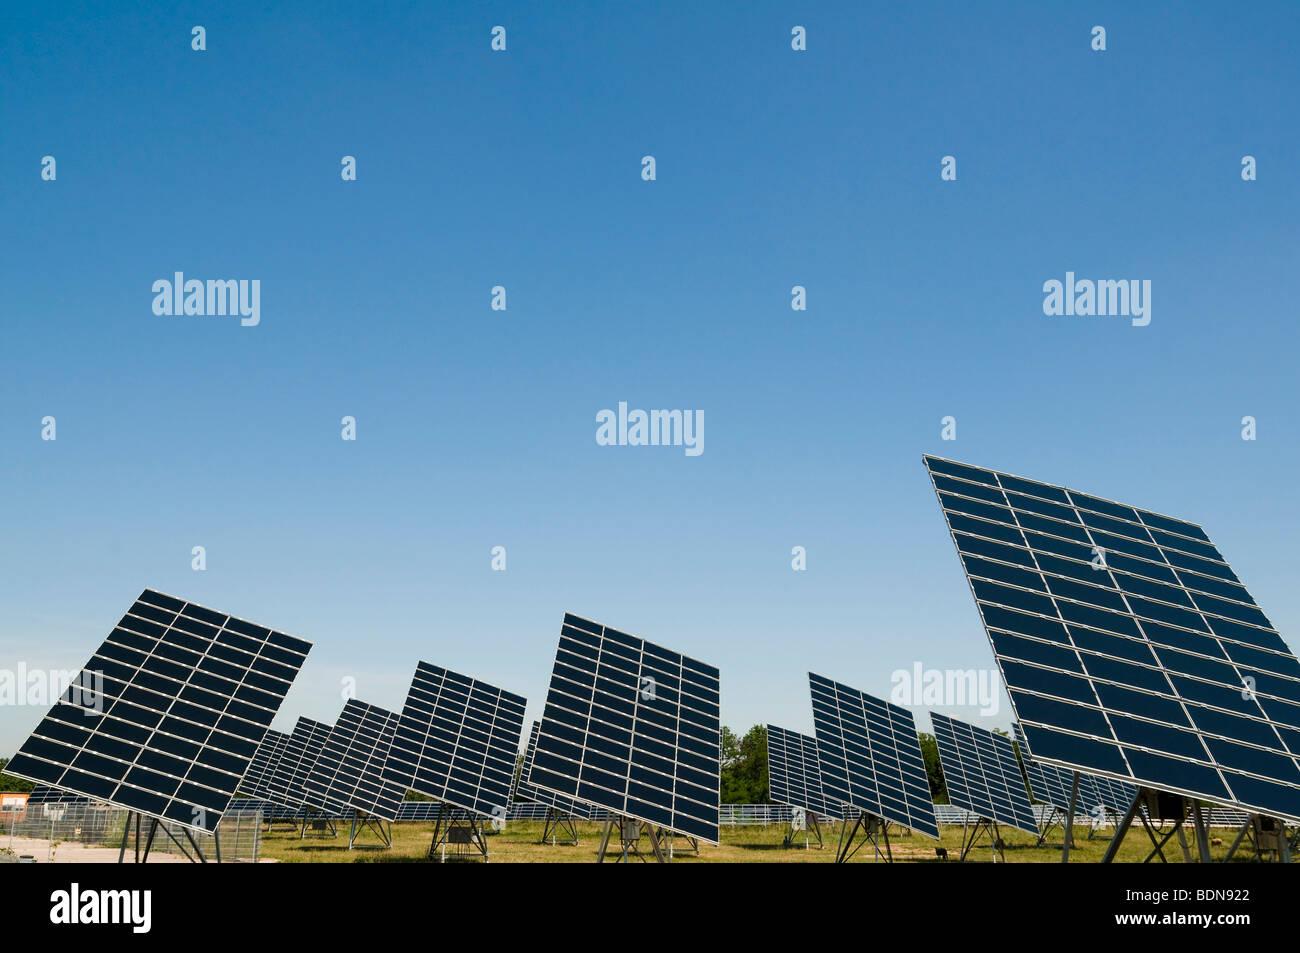 Energia solare impianto Immagini Stock